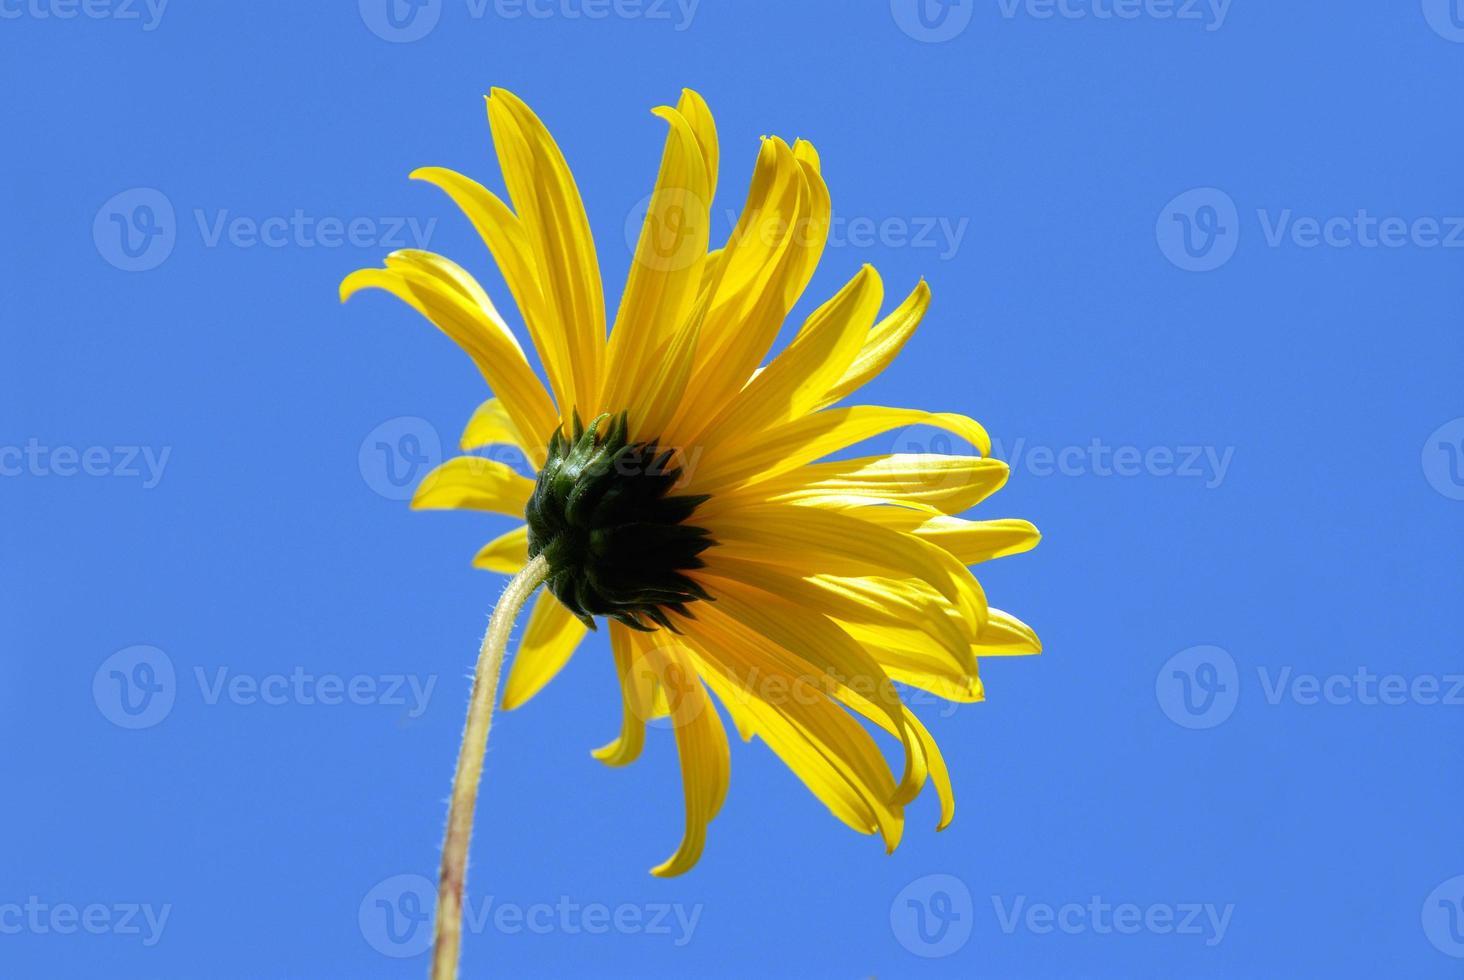 gul blomma och ljusblå himmel foto